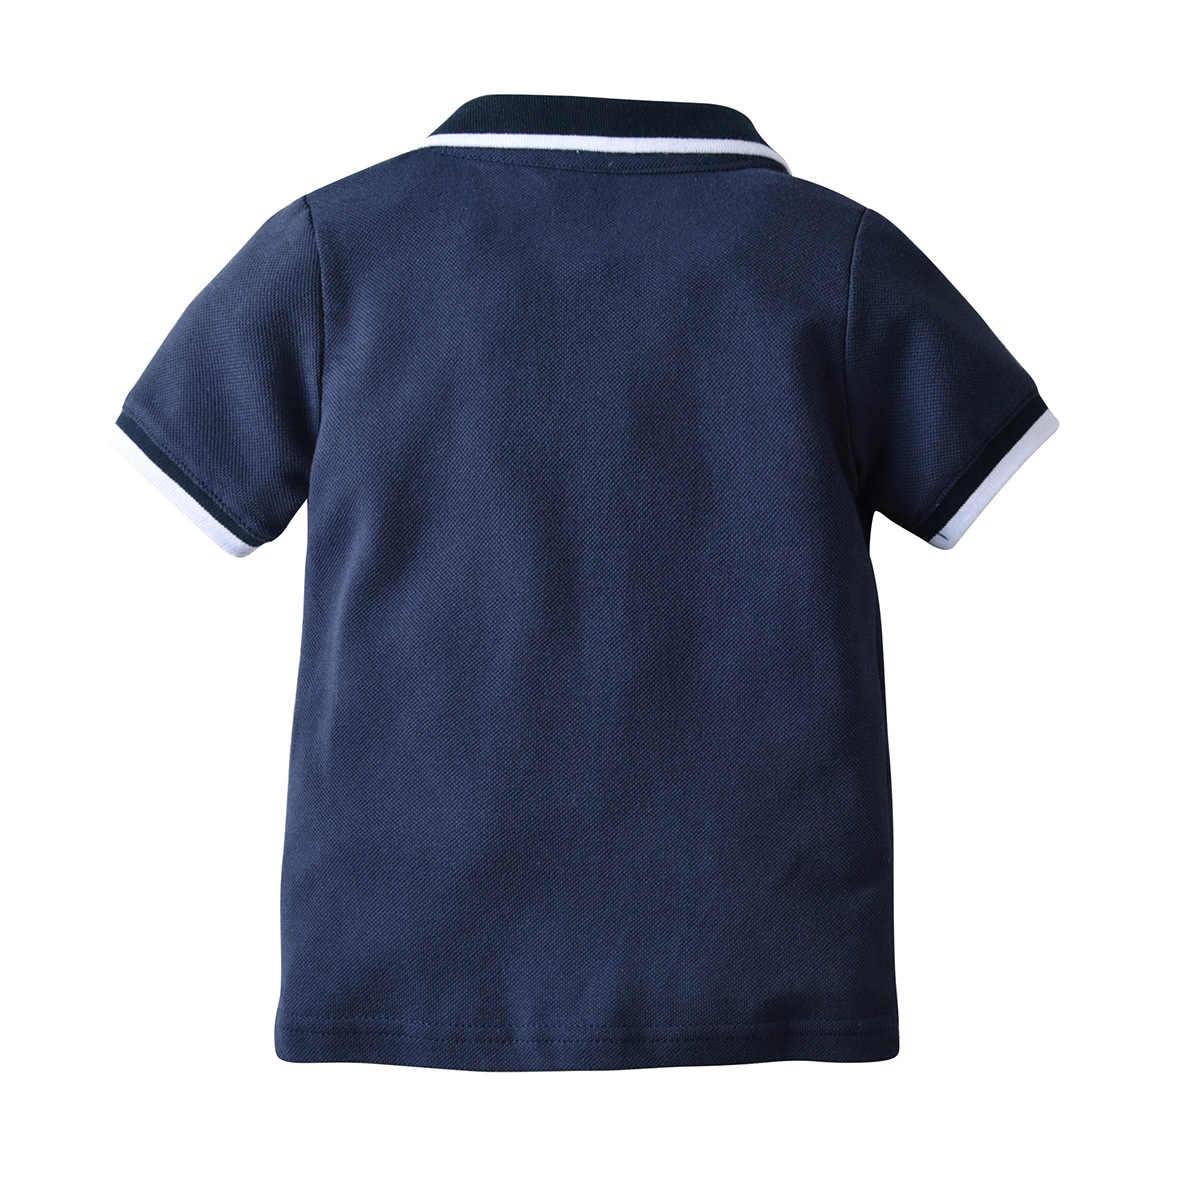 クロスボーダーホット販売 BOY 'S ダークブルー半袖シャツ子供倍襟トップス Tシャツハーフカーディガンラペル T-sh